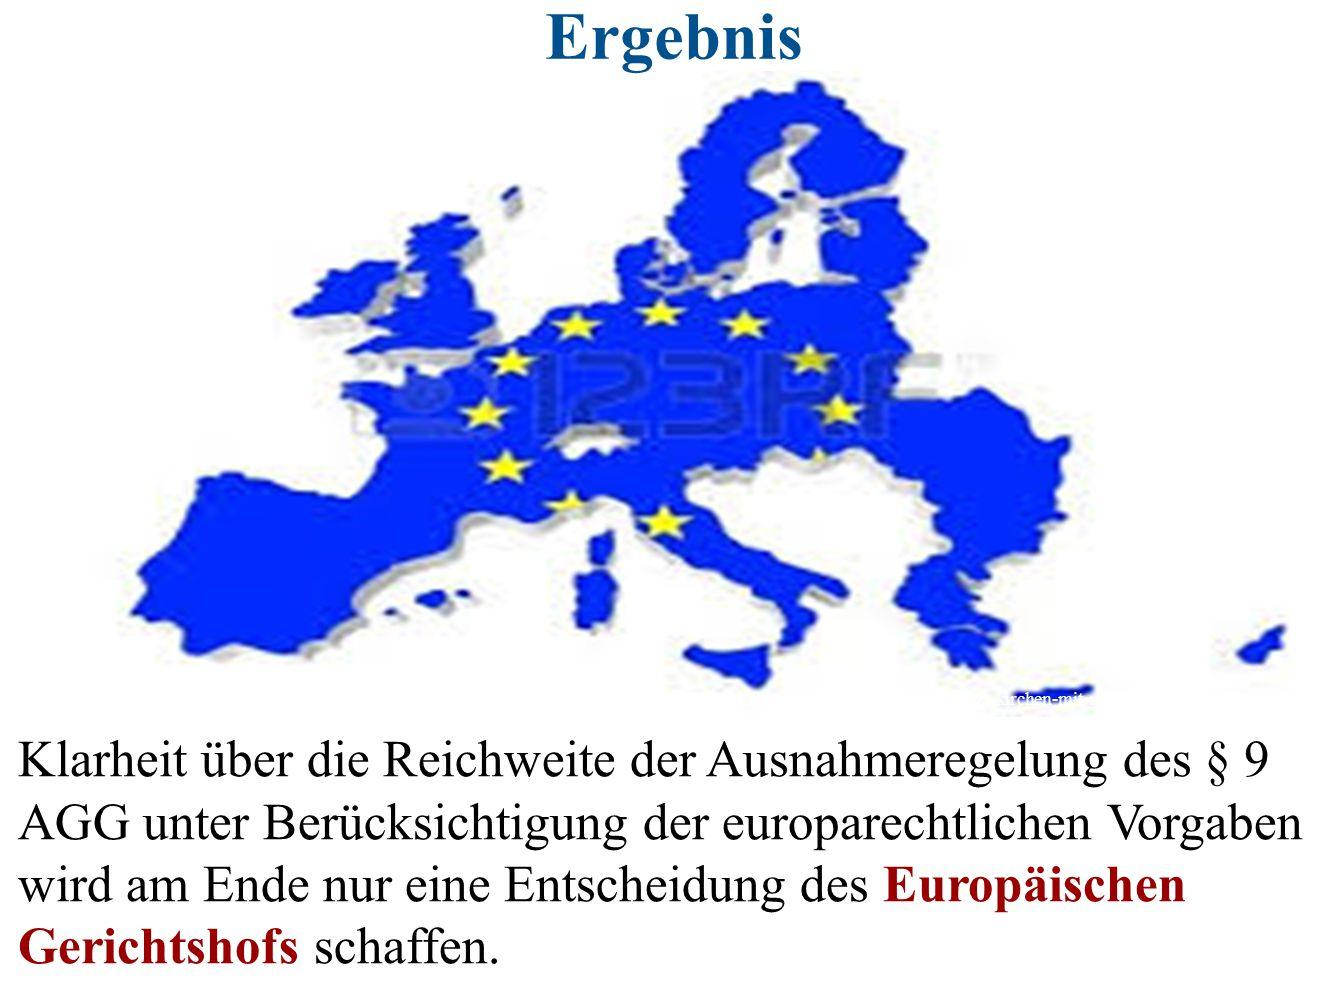 Ergebnis Bildquelle: http://www.spiegel.de/politik/deutschland/neue-berechnungen-staat-stuetzt-kirchen-mit-milliarden-a-727683.html.